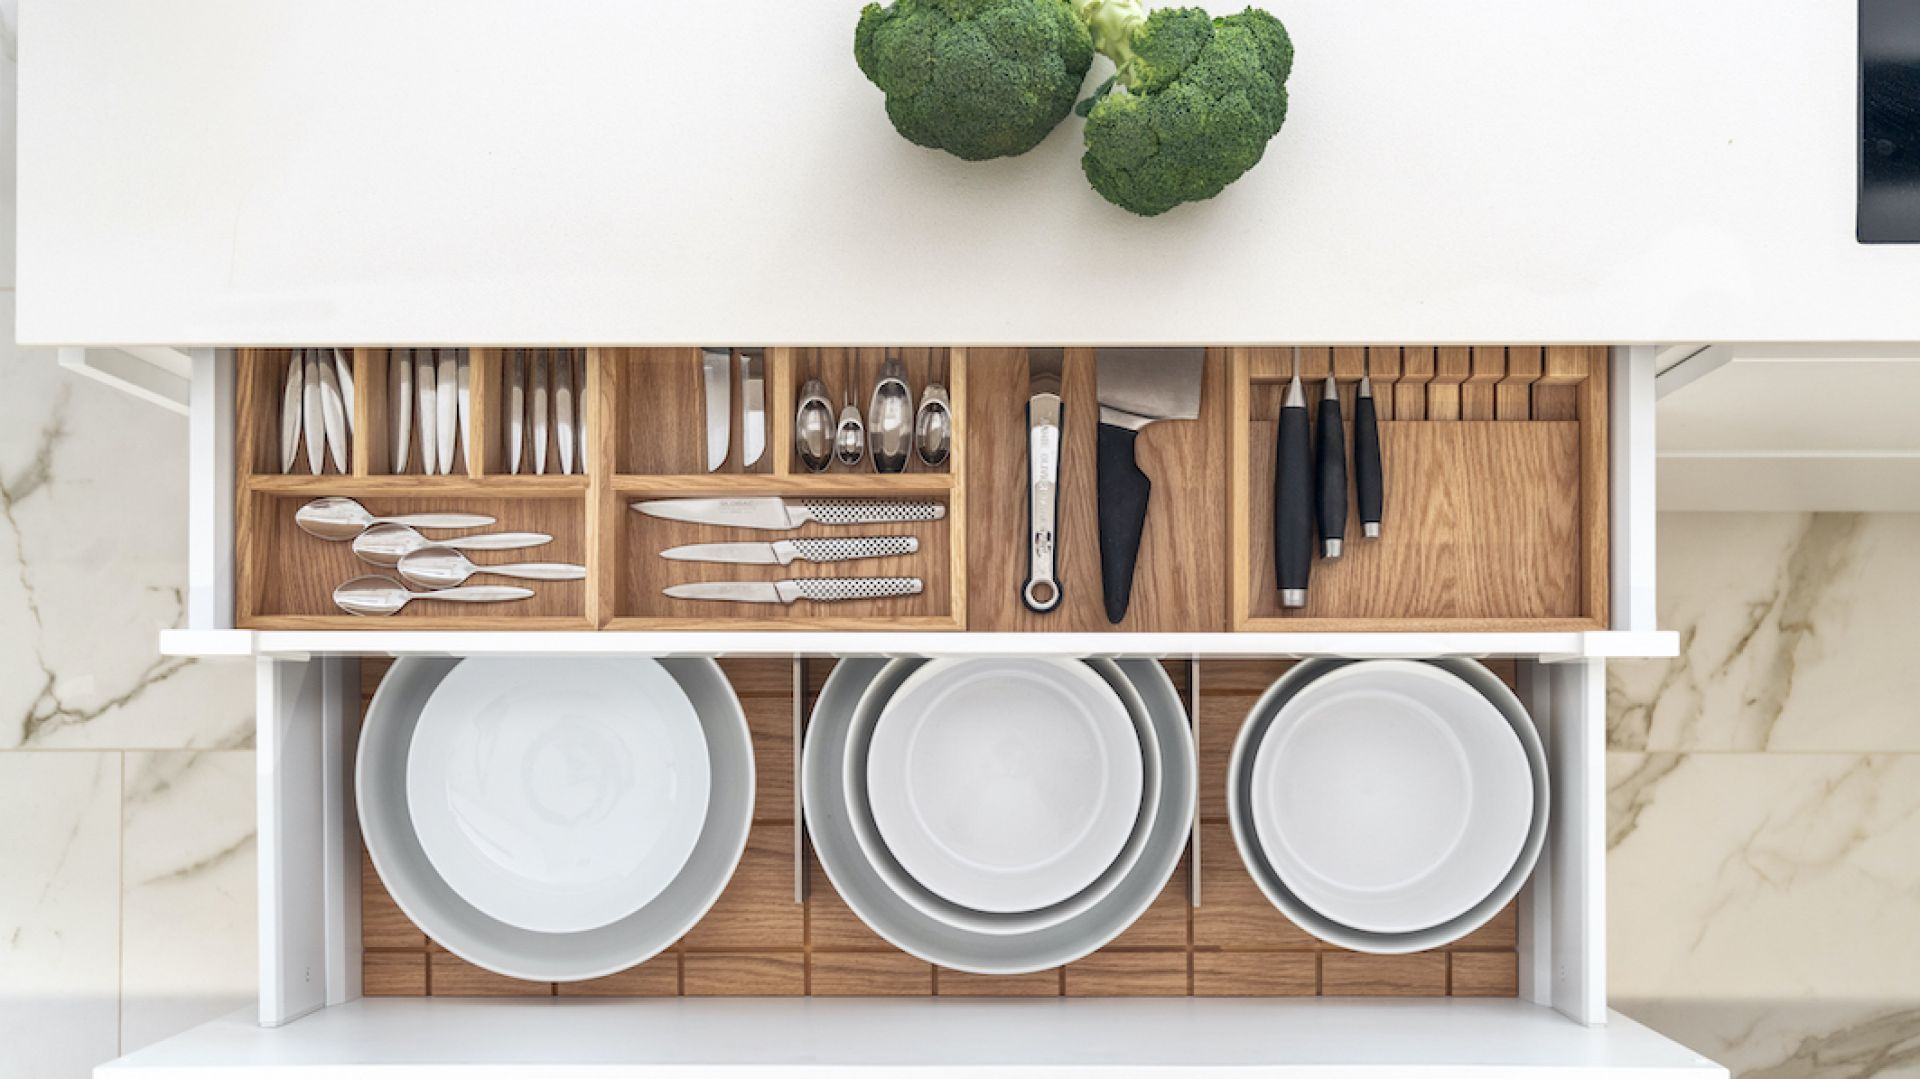 Przechowywanie w kuchni. Organizery do szuflad z dębu lub sklejki. Fot. Zajc